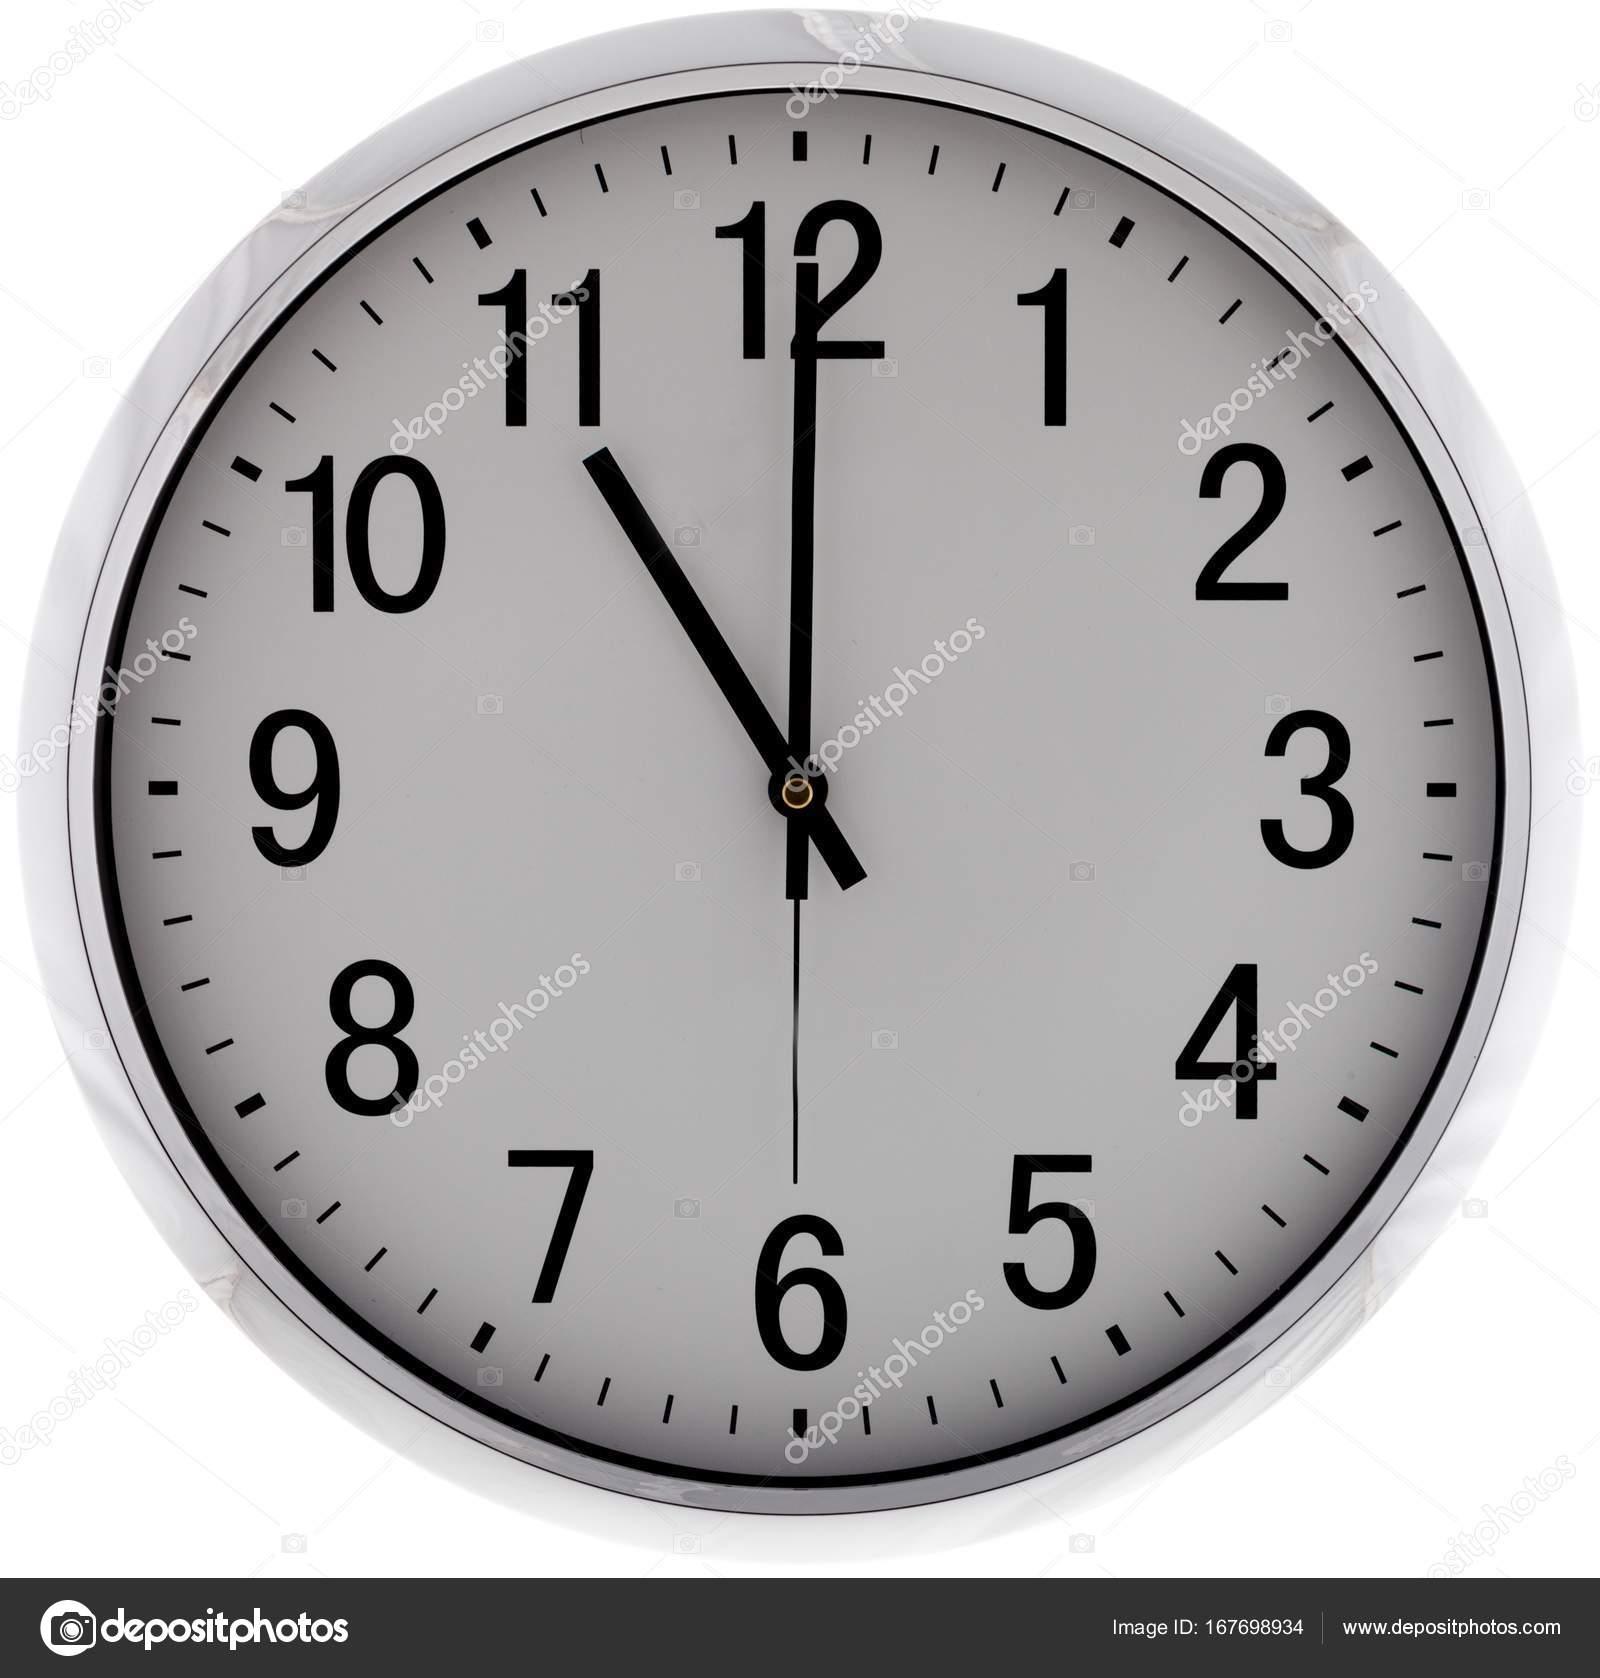 Reloj pared moderno sobre fondo blanco fotos de stock - Relojes de pared ...